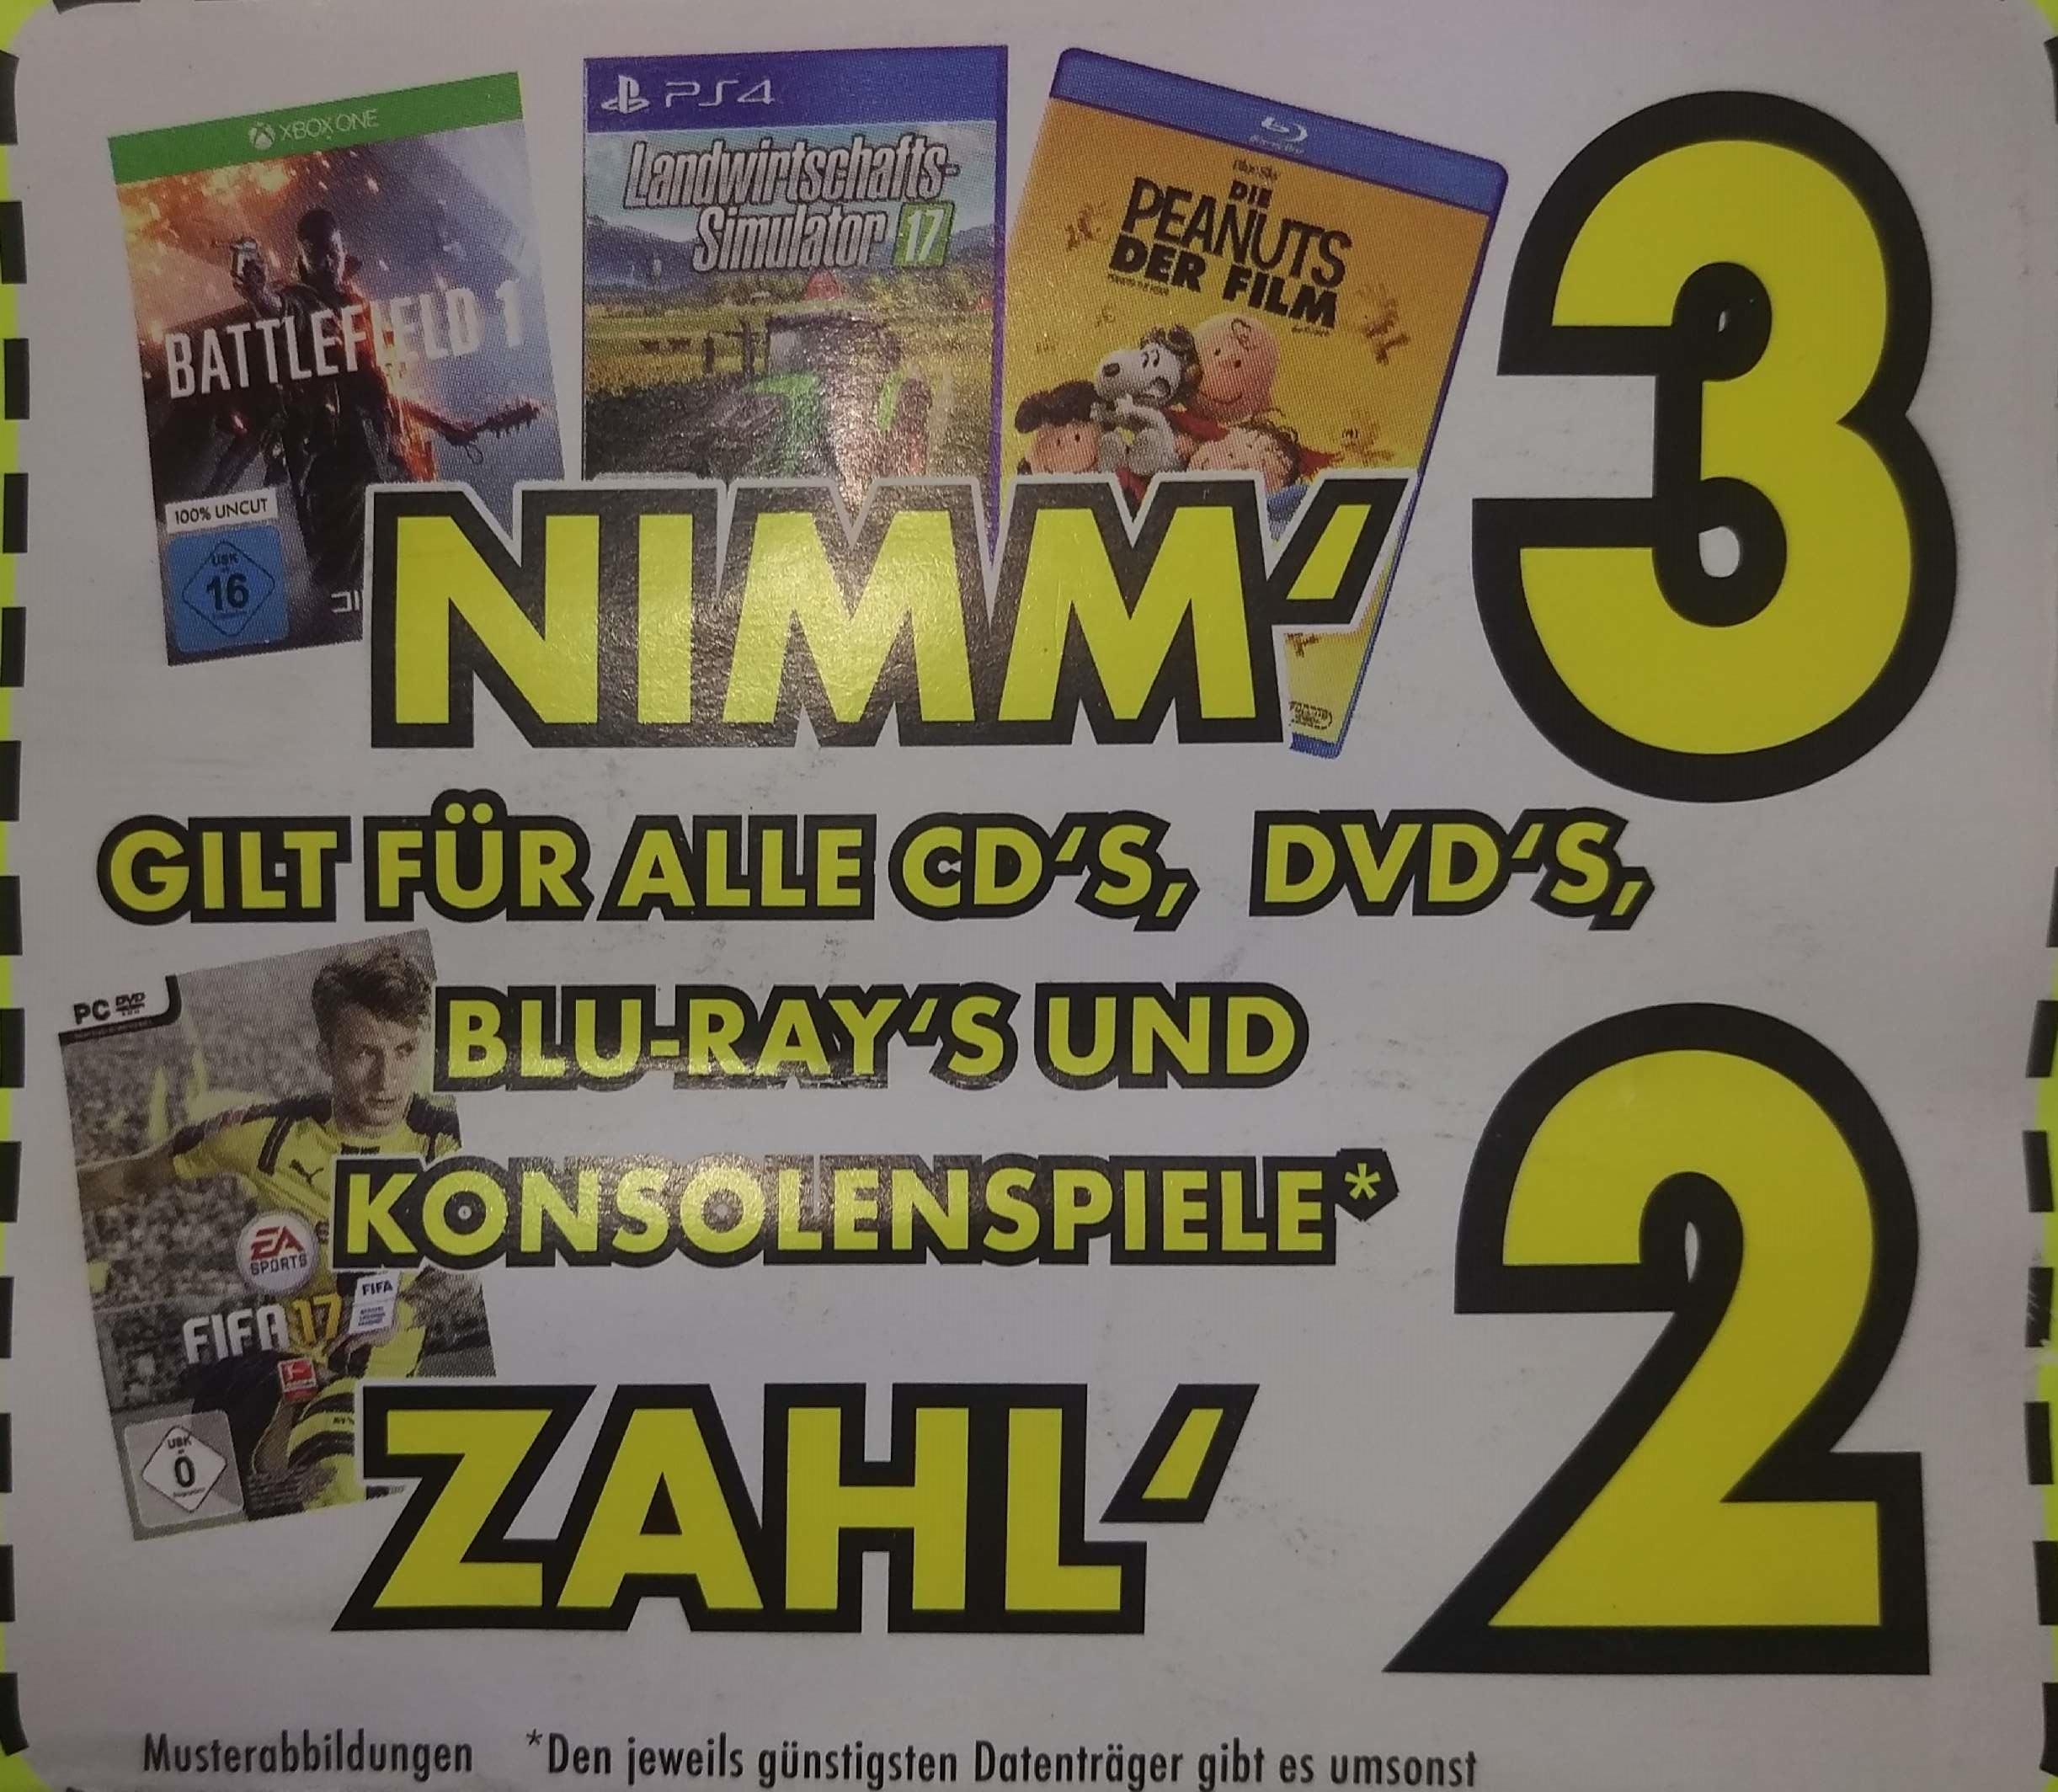 [Mülheim-Kärlich] Euronics Kauf 3 Zahl 2  CD,DVD,Konsolenspiel